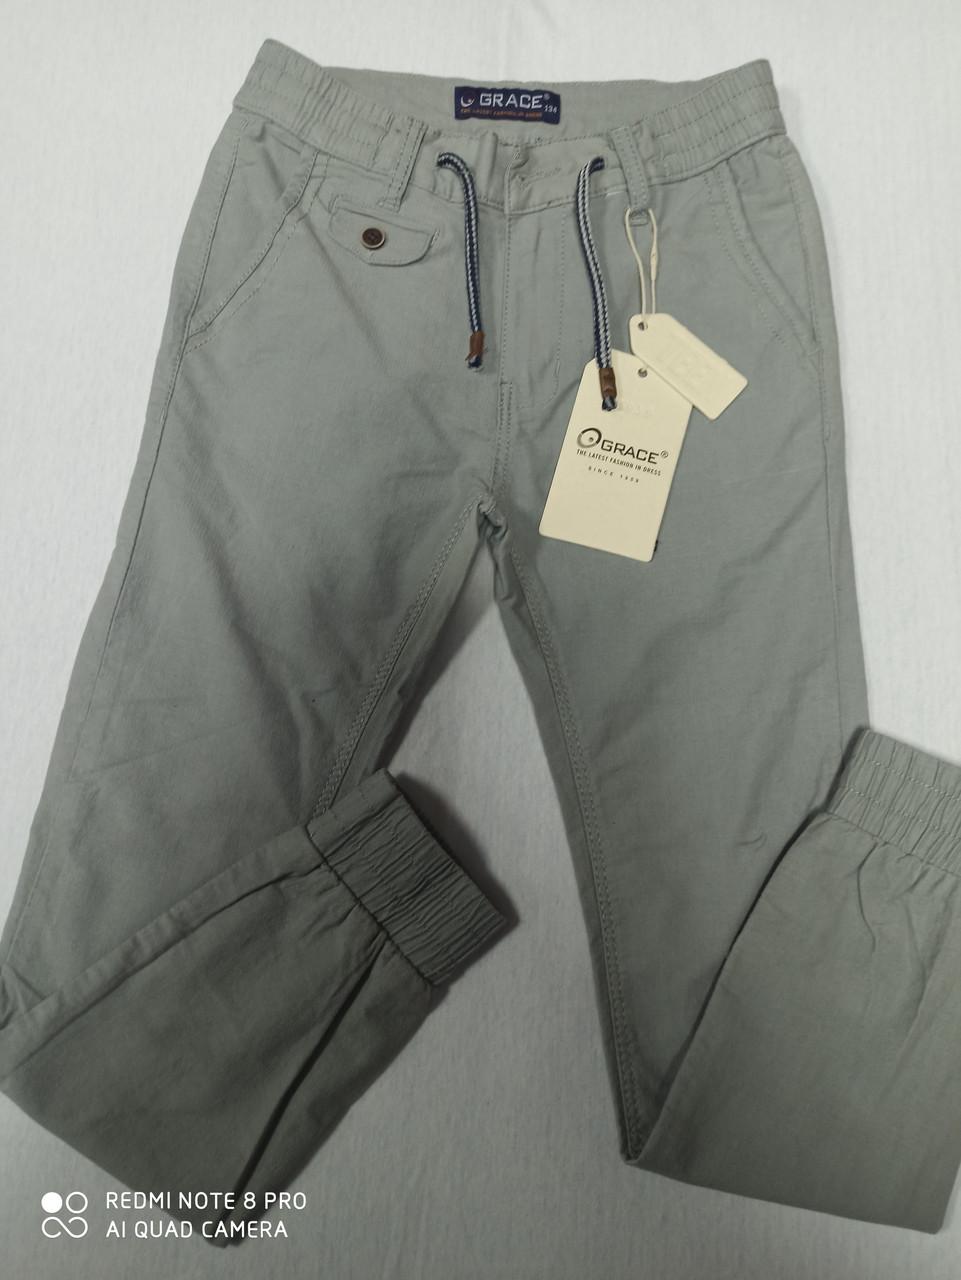 Штани підліткові стрейчеві легкі сірого кольору для хлопчика. Розміри 134.140.146.152.158.164 зростання.